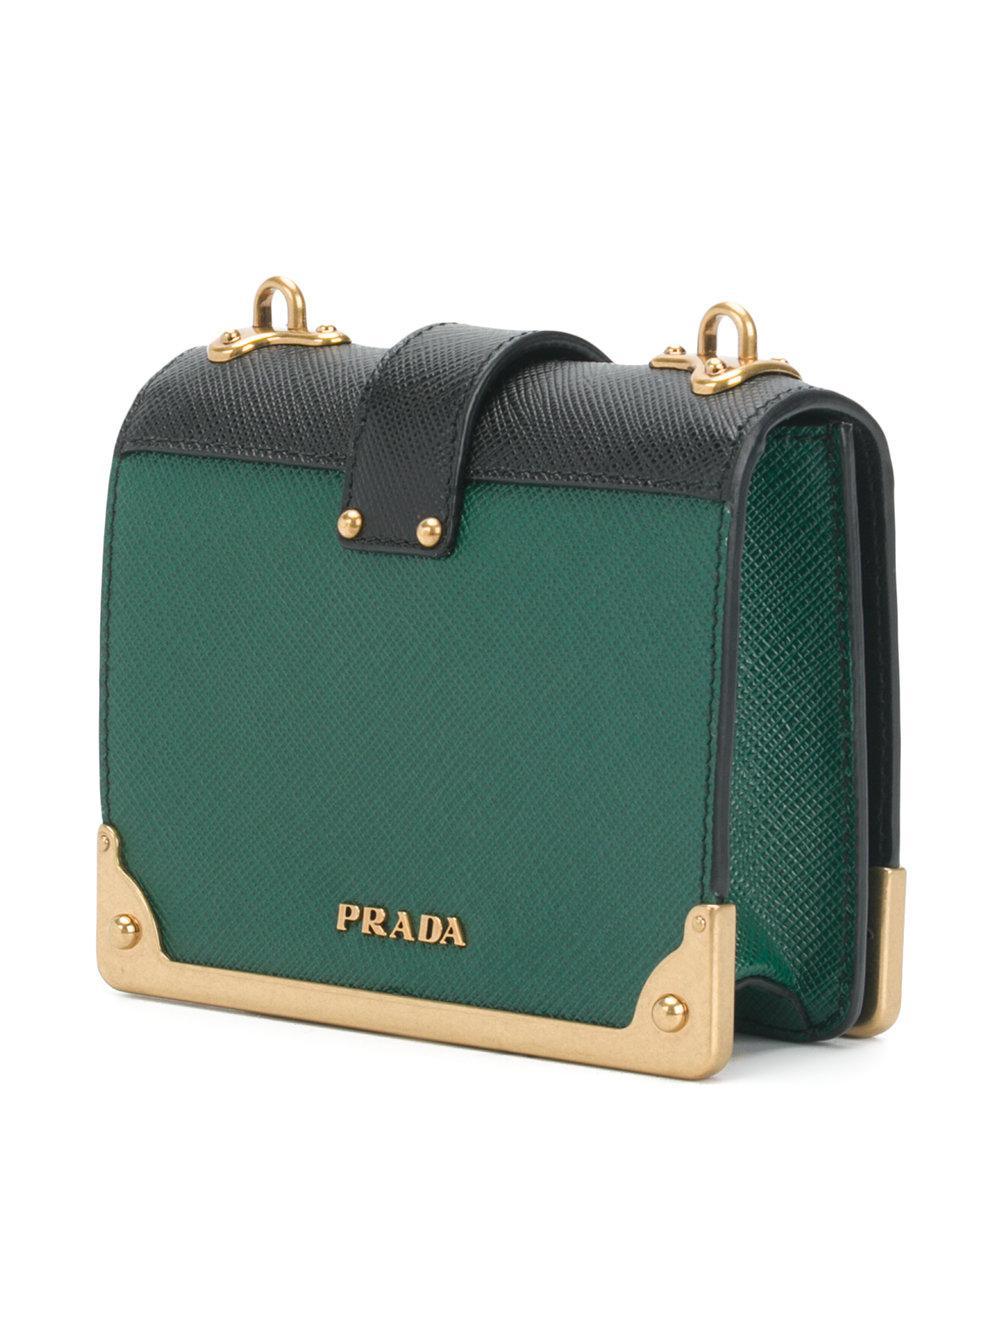 7efe75139e3b Prada Cahier Mini Moon And Stars Bag in Green - Lyst